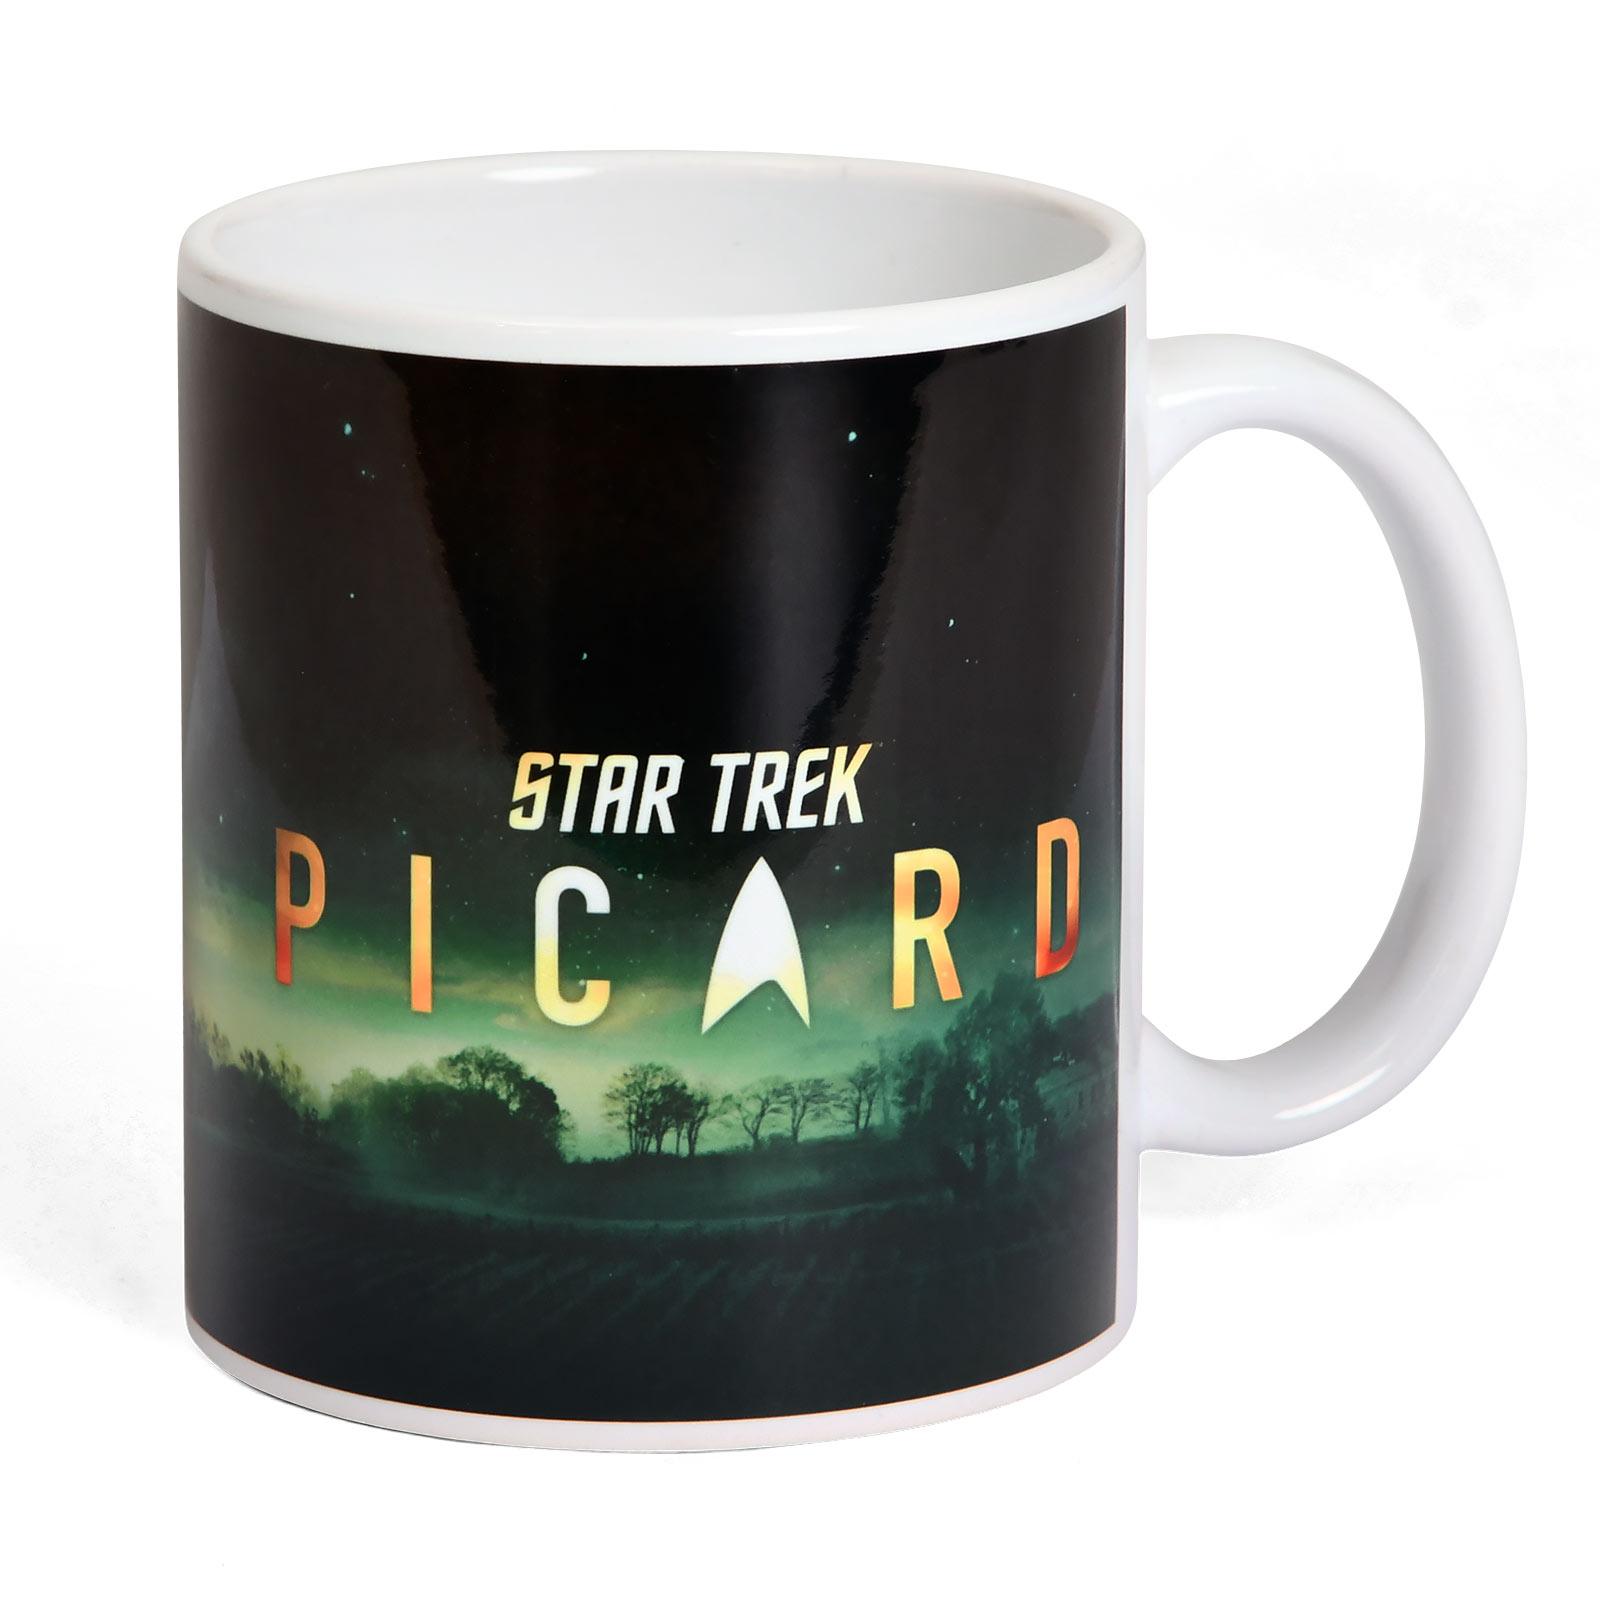 Star Trek - Picard Characters Tasse